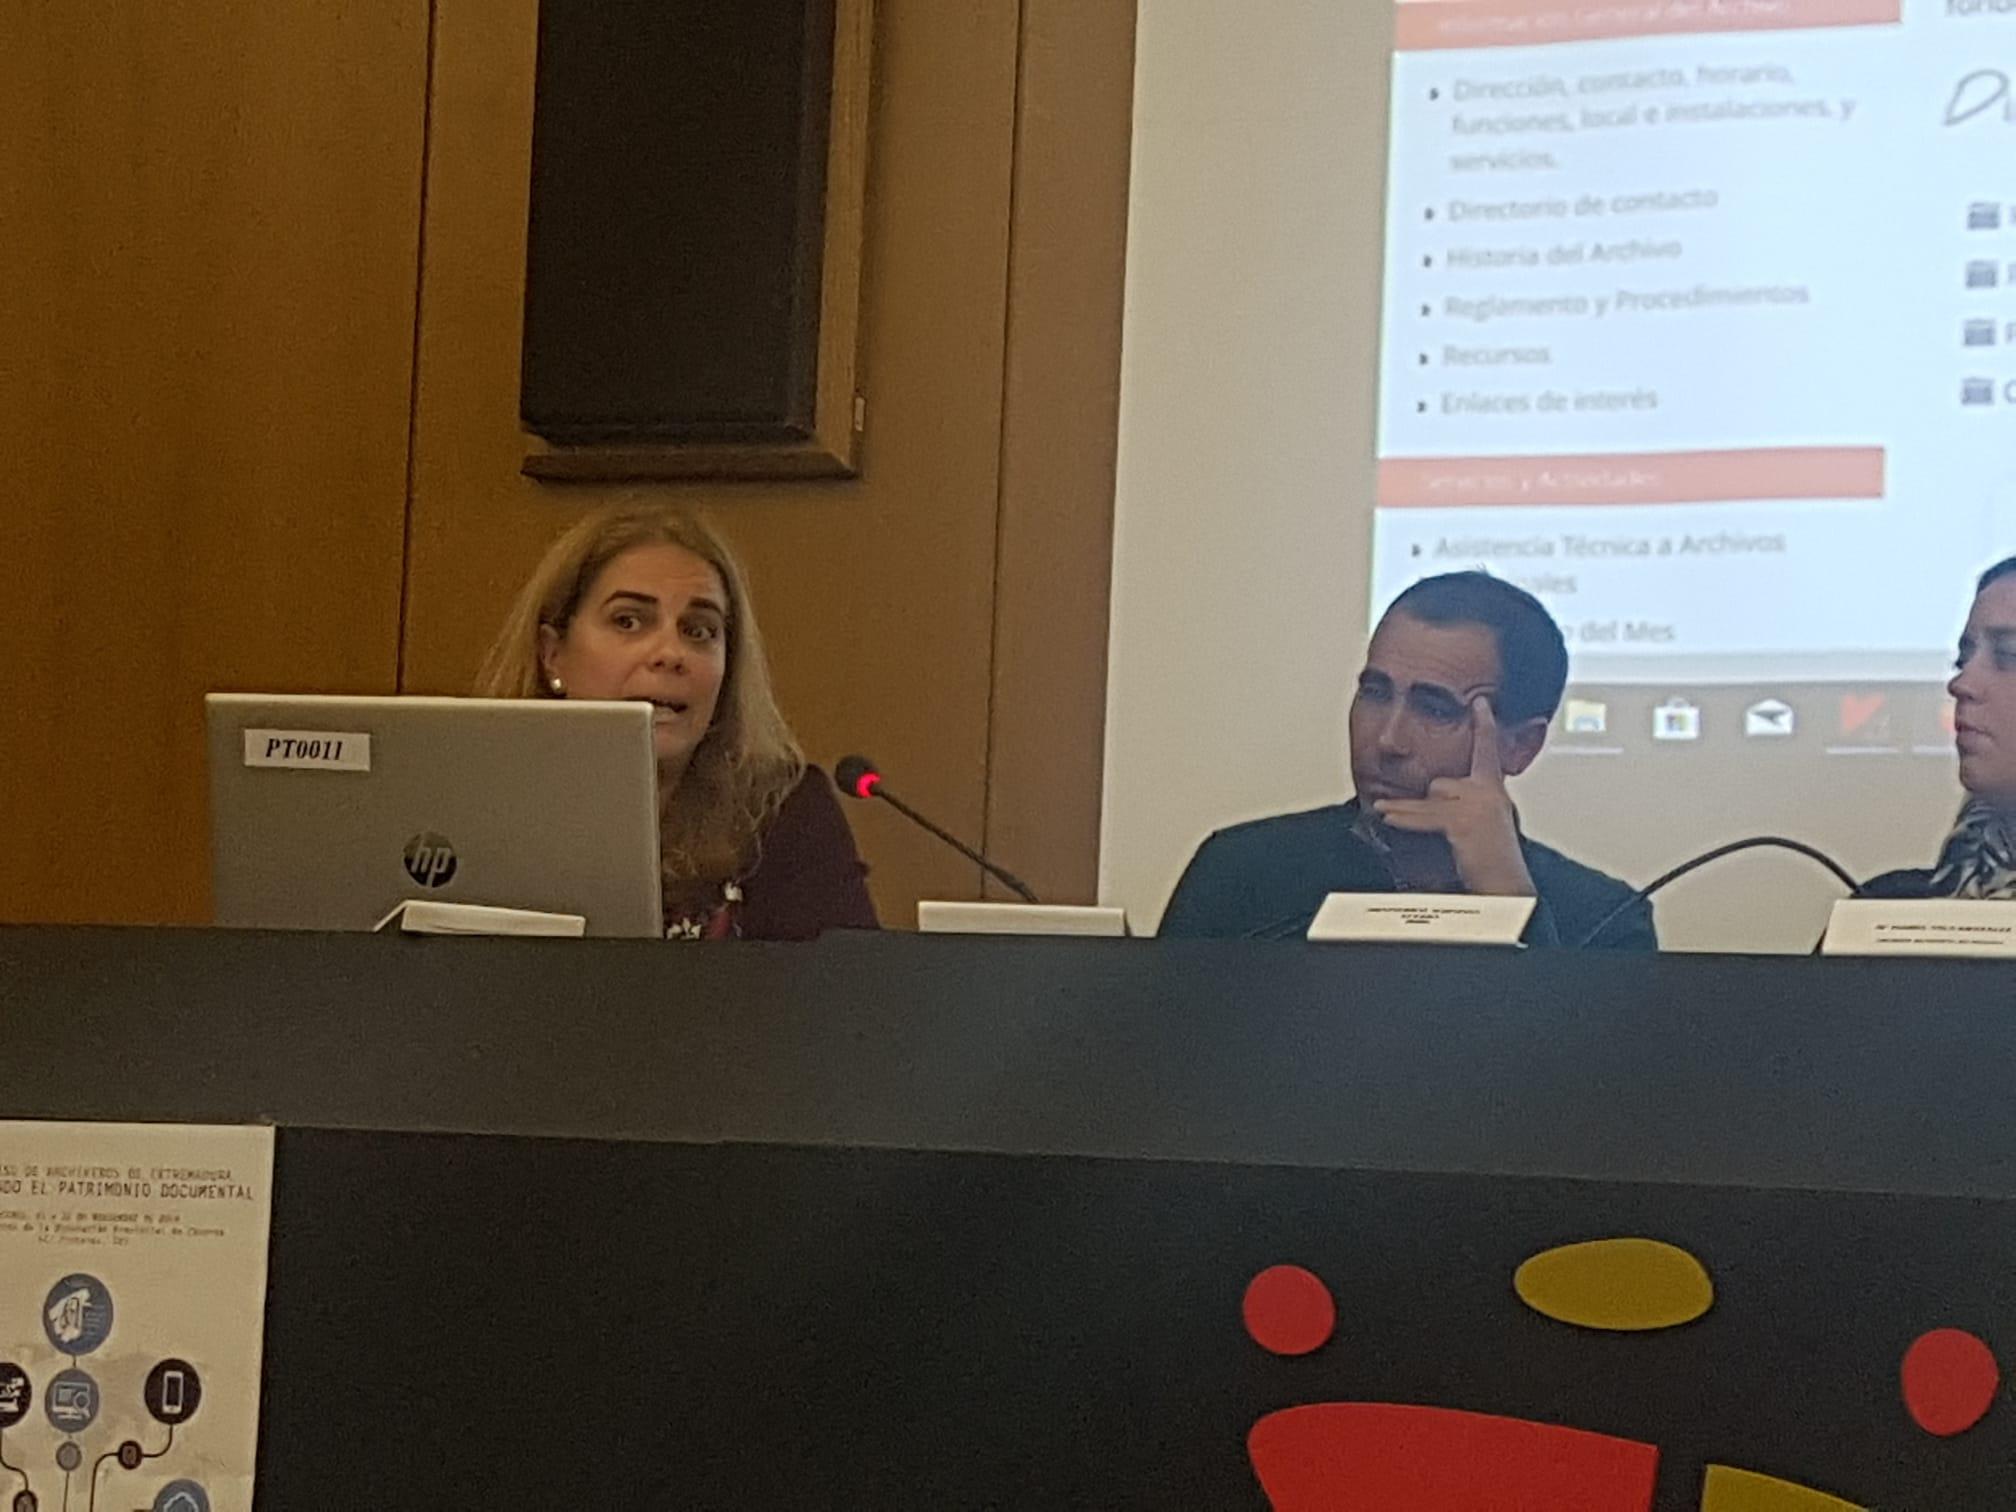 Presentación ponencia: Difusión en el Archivo de la Diputación Provincial de Badajoz